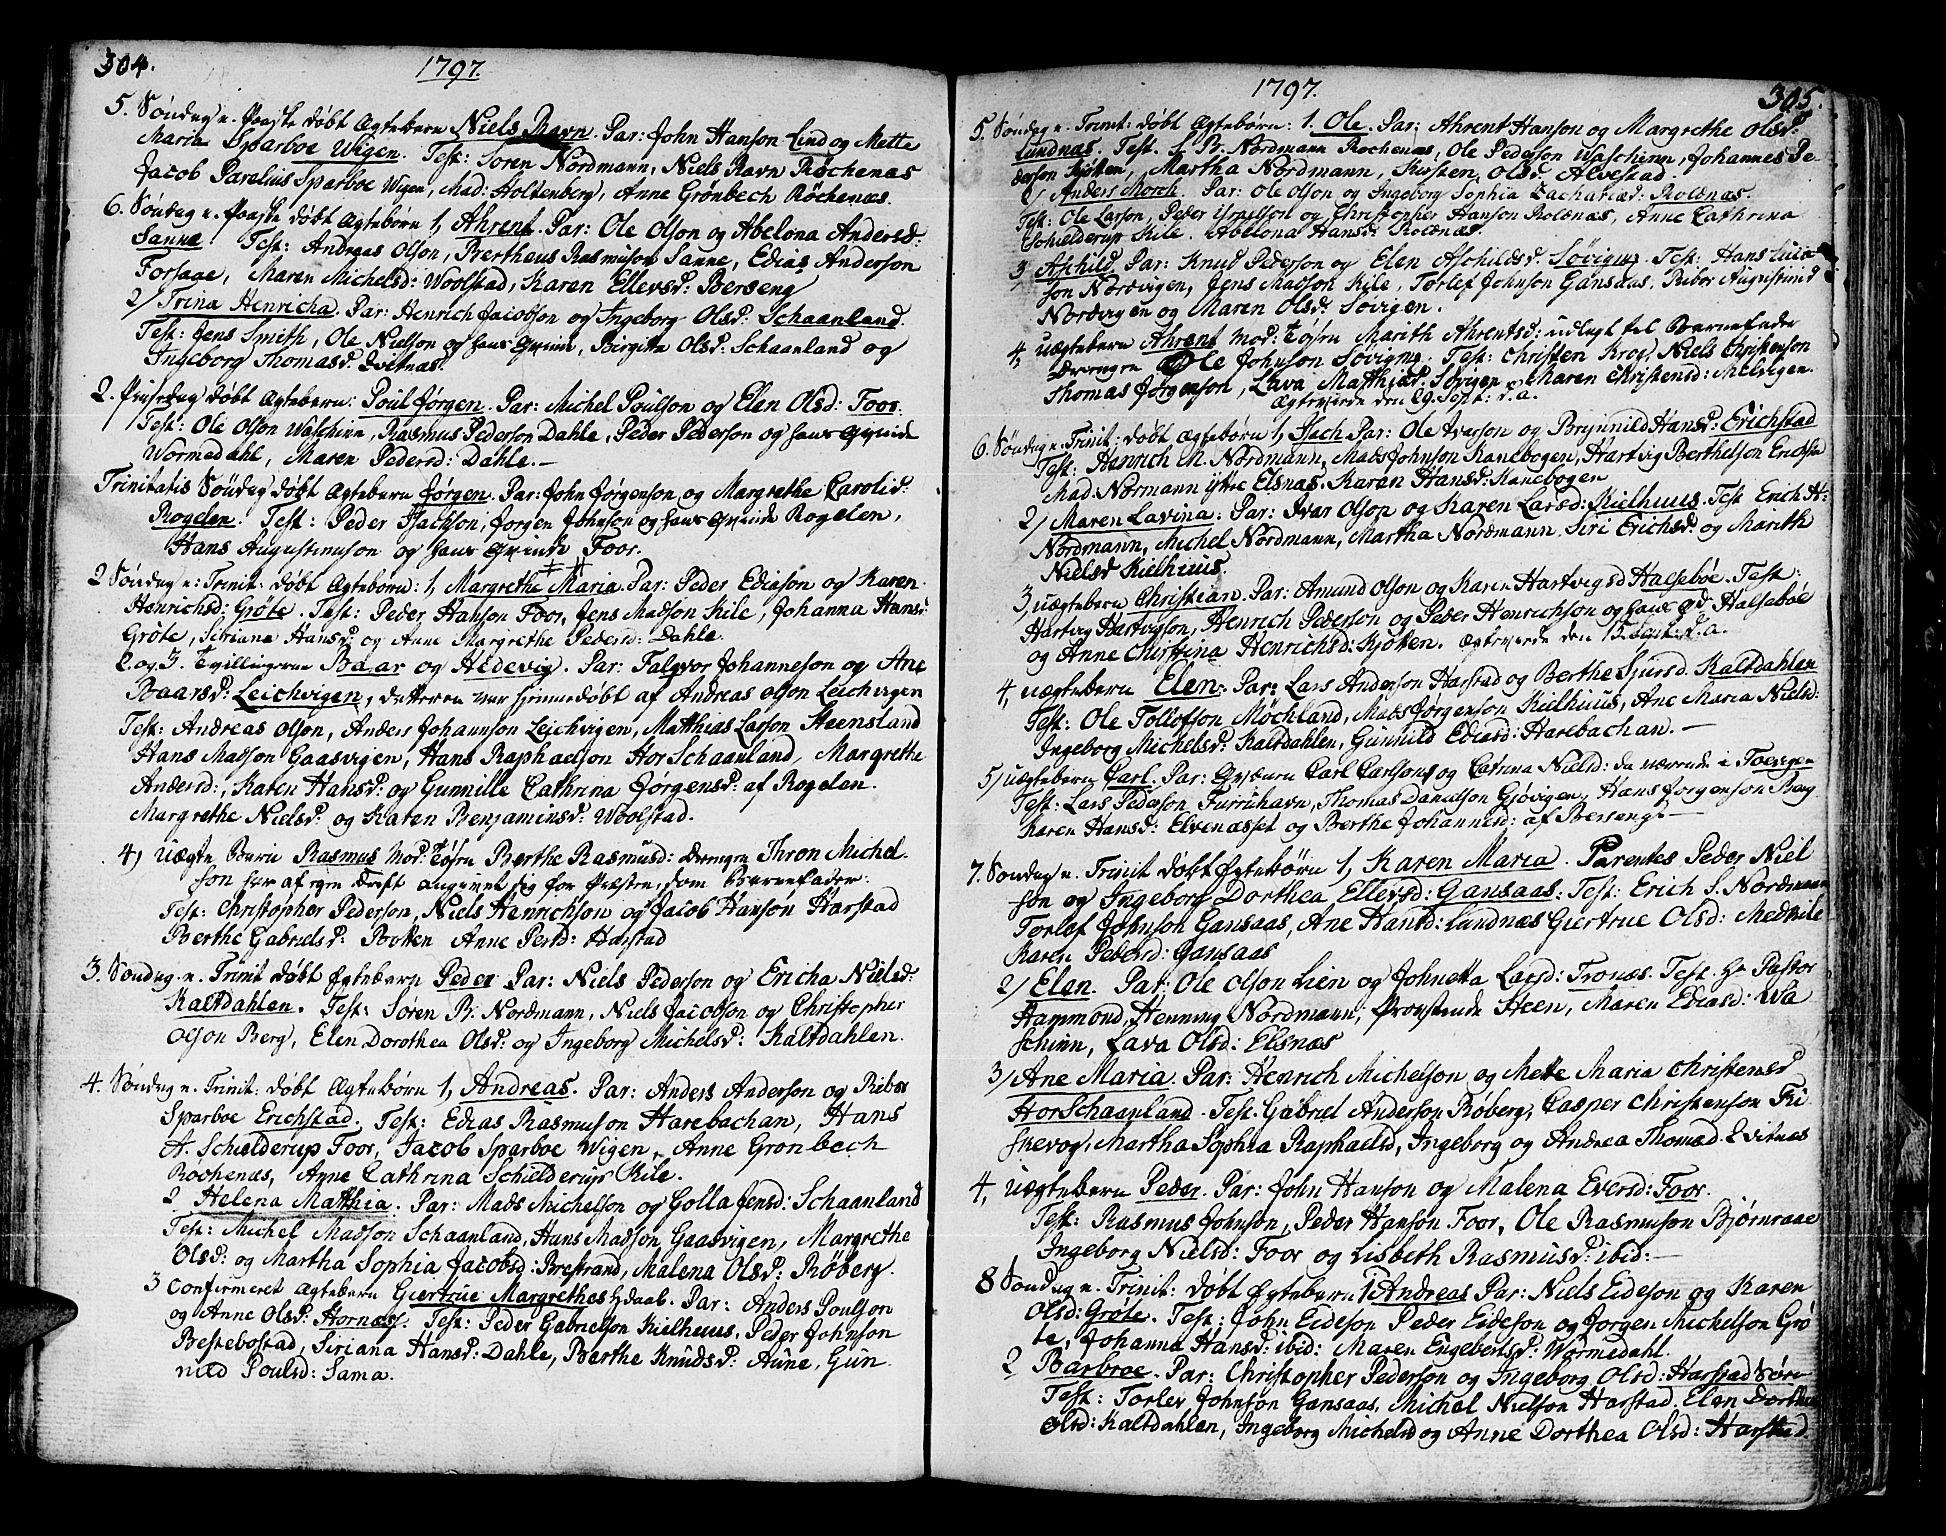 SATØ, Trondenes sokneprestkontor, H/Ha/L0003kirke: Ministerialbok nr. 3, 1783-1803, s. 304-305